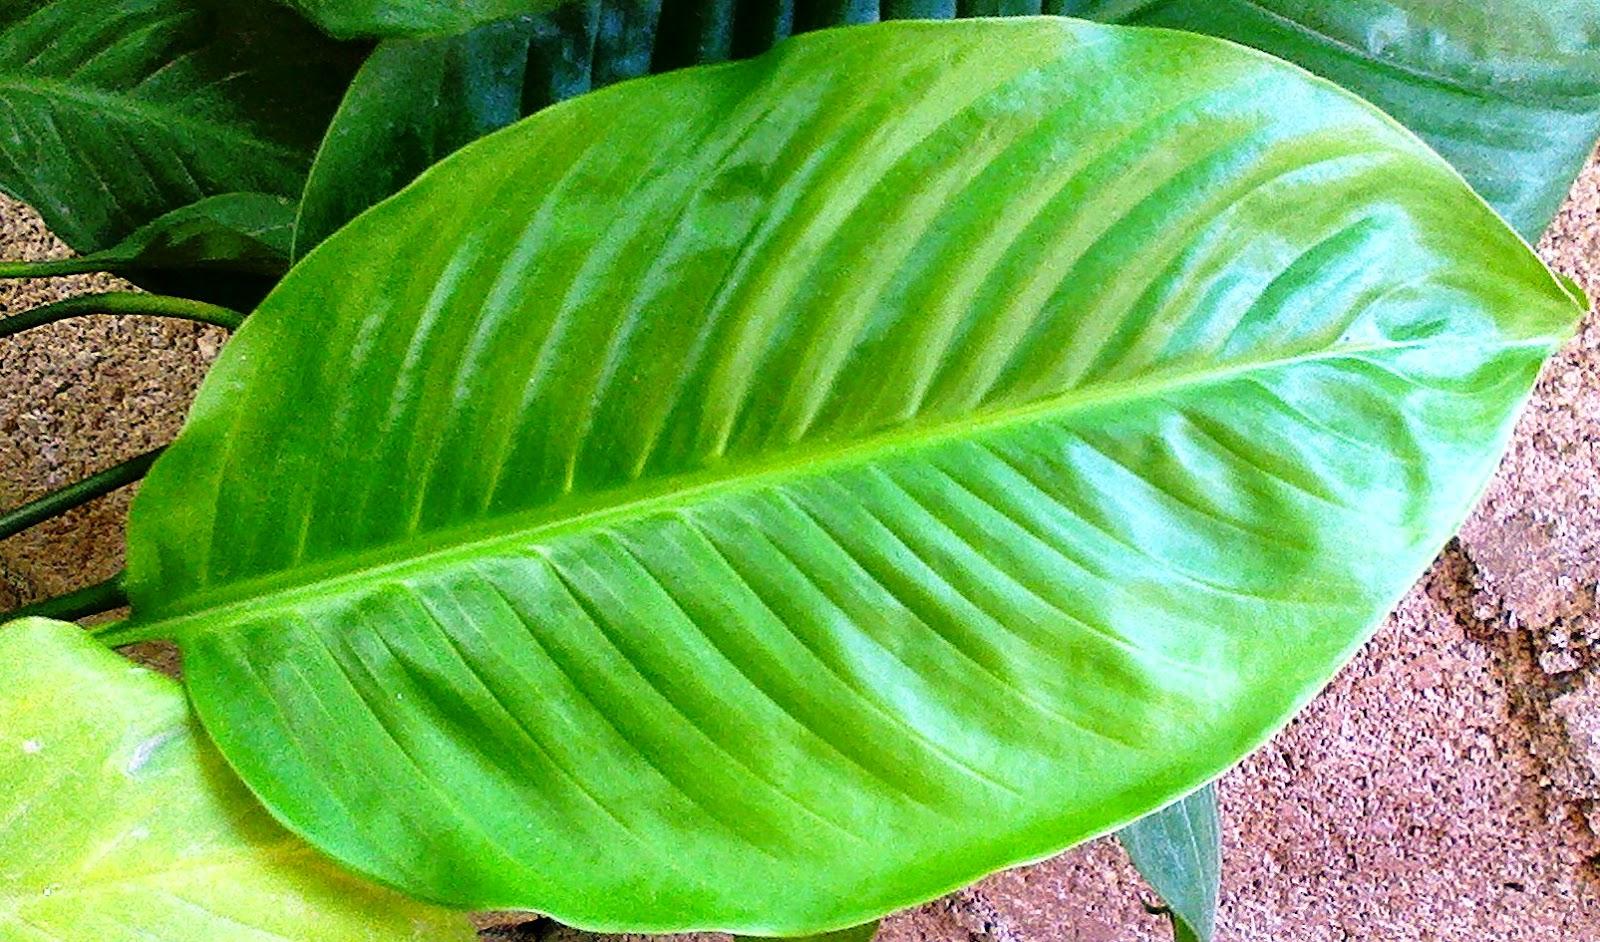 Mercedes s garden fotos de plantas - Planta cuna de moises ...